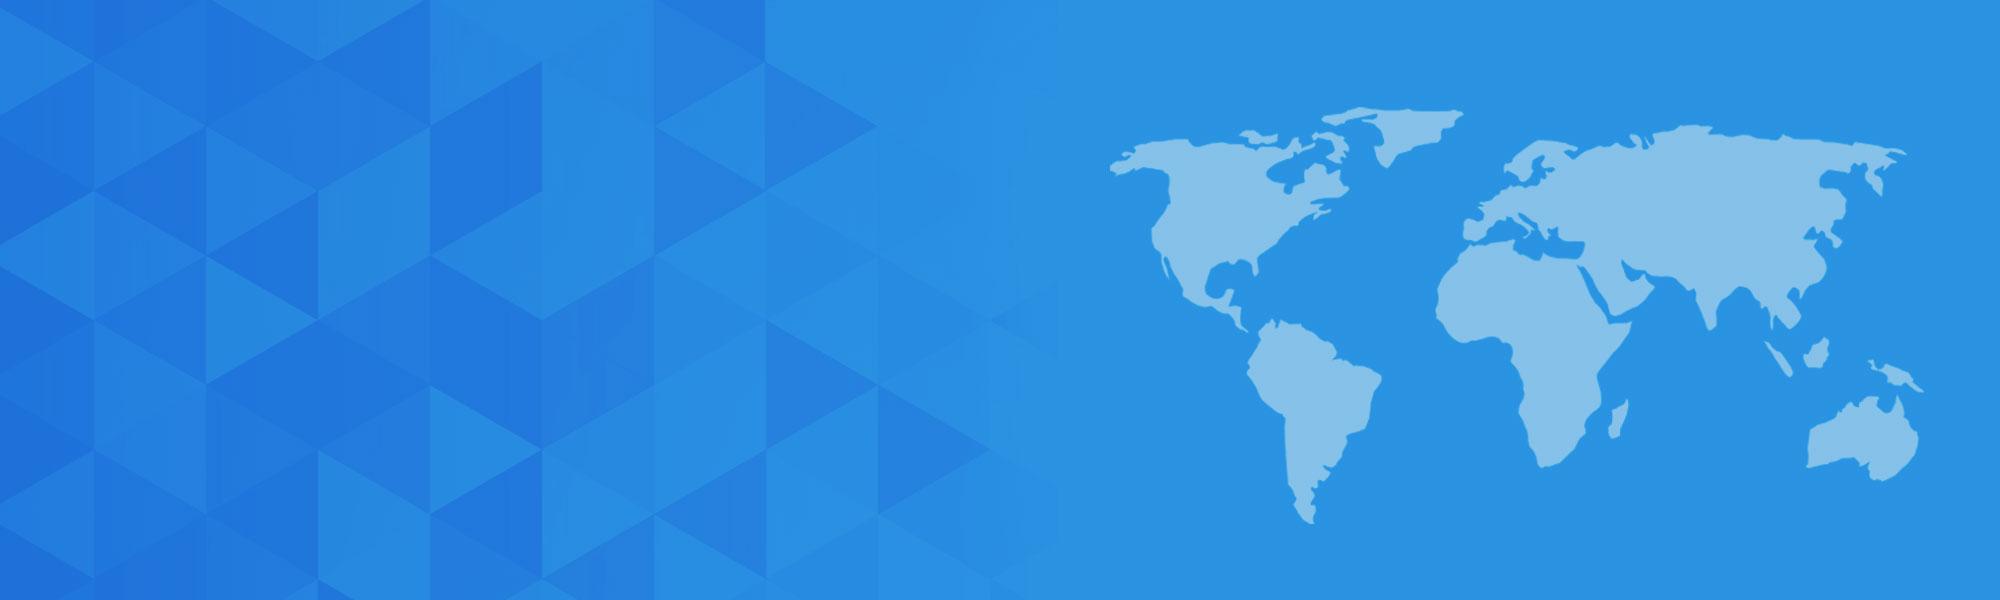 Users around the world